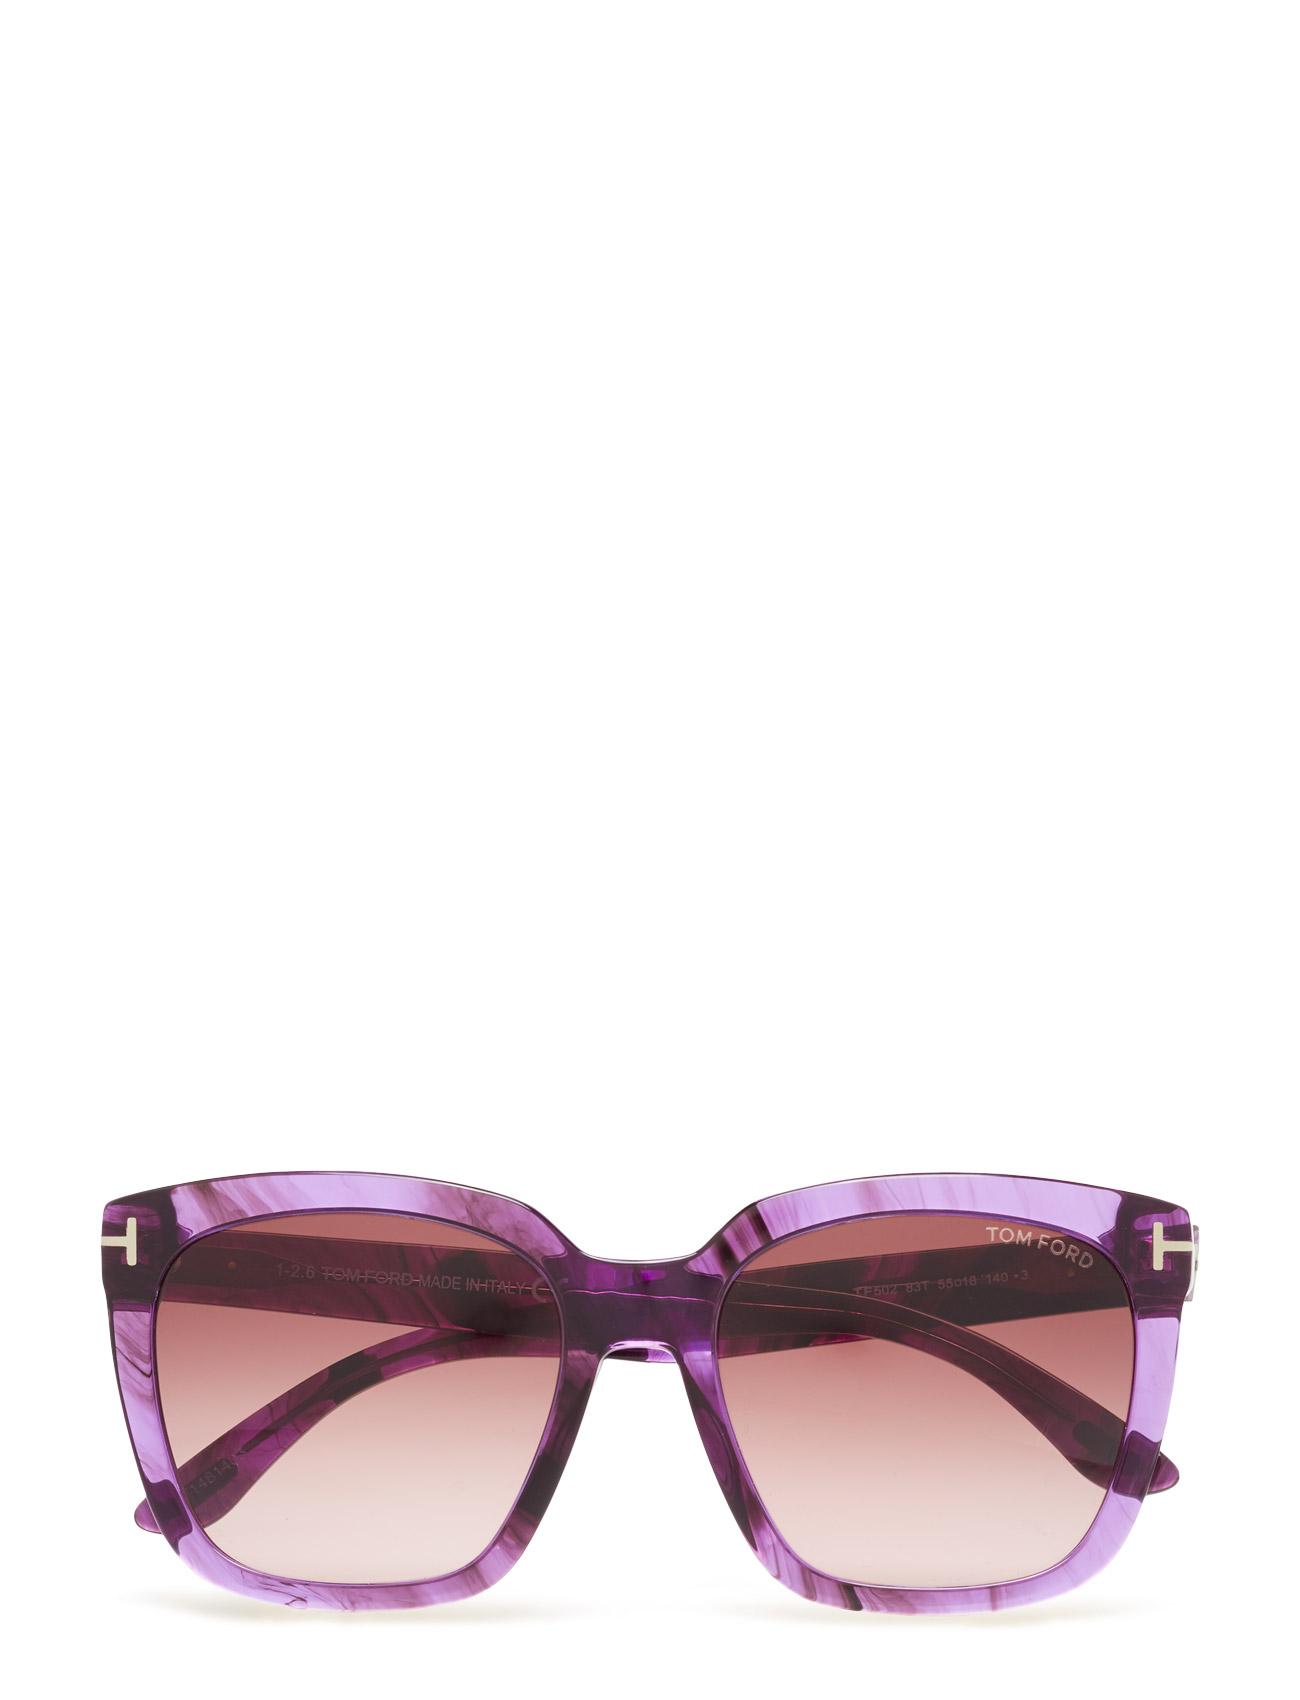 Tom Ford Amarra Tom Ford Sunglasses Solbriller til Damer i